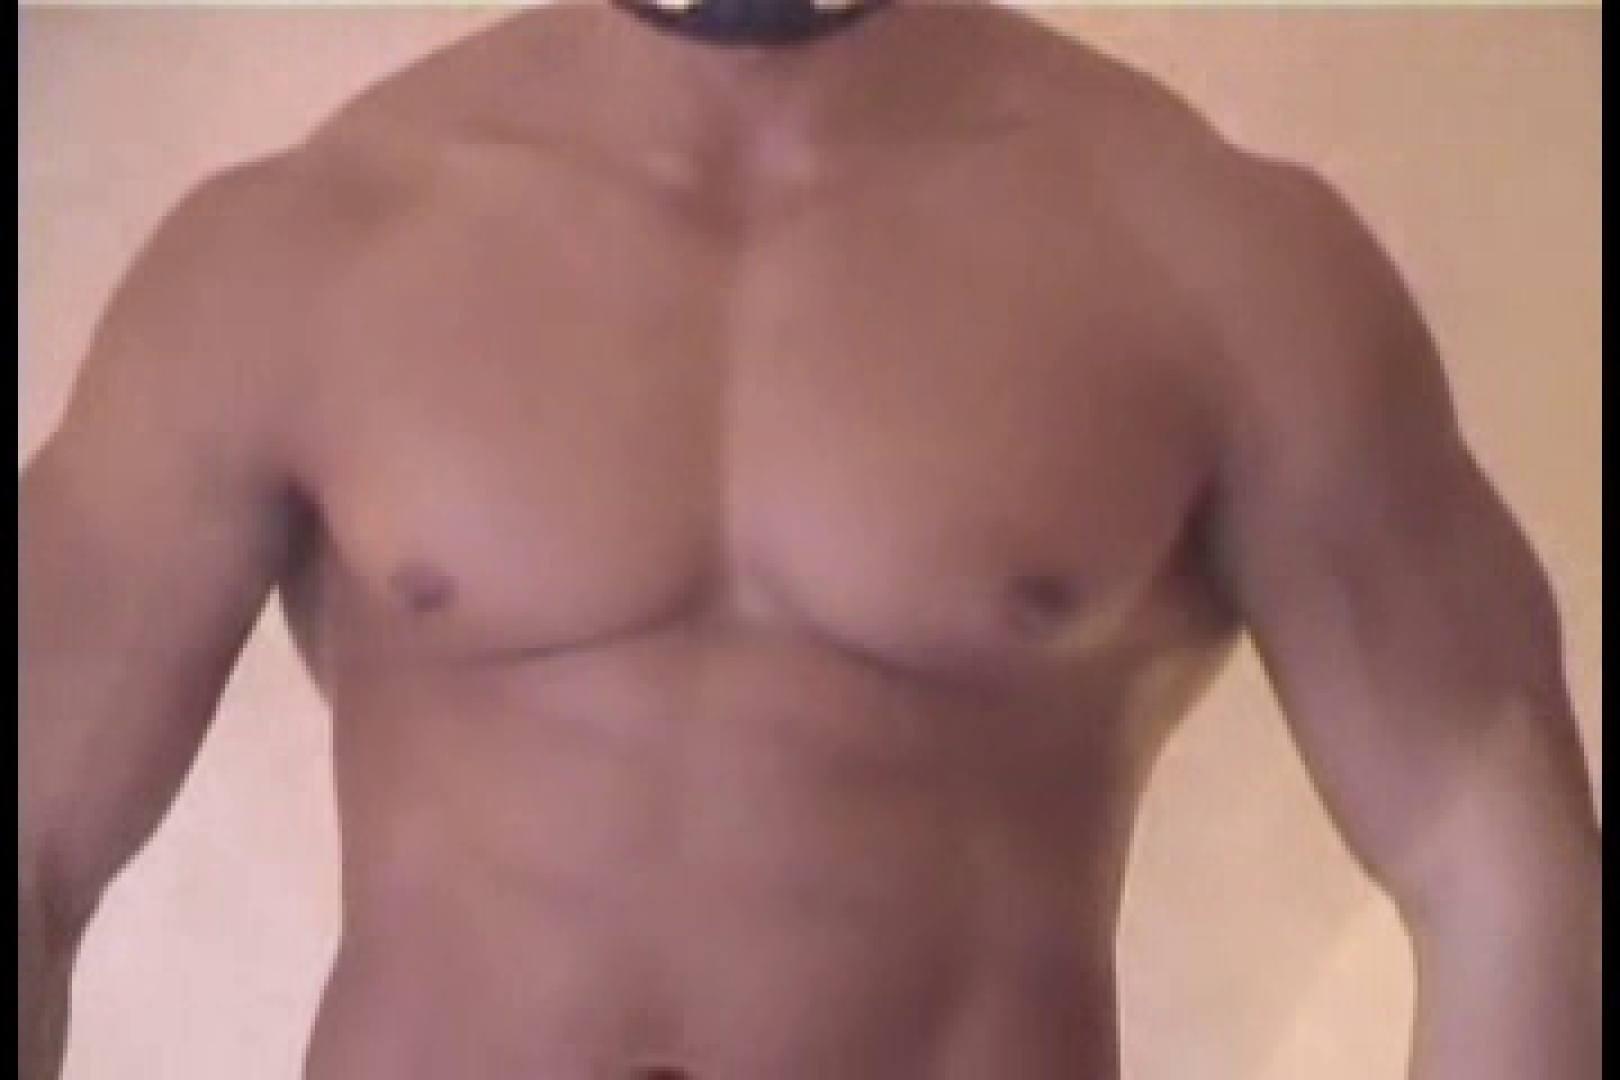 性器の味方ムキムキ覆面マッチョマン 肉 ゲイSEX画像 106画像 47